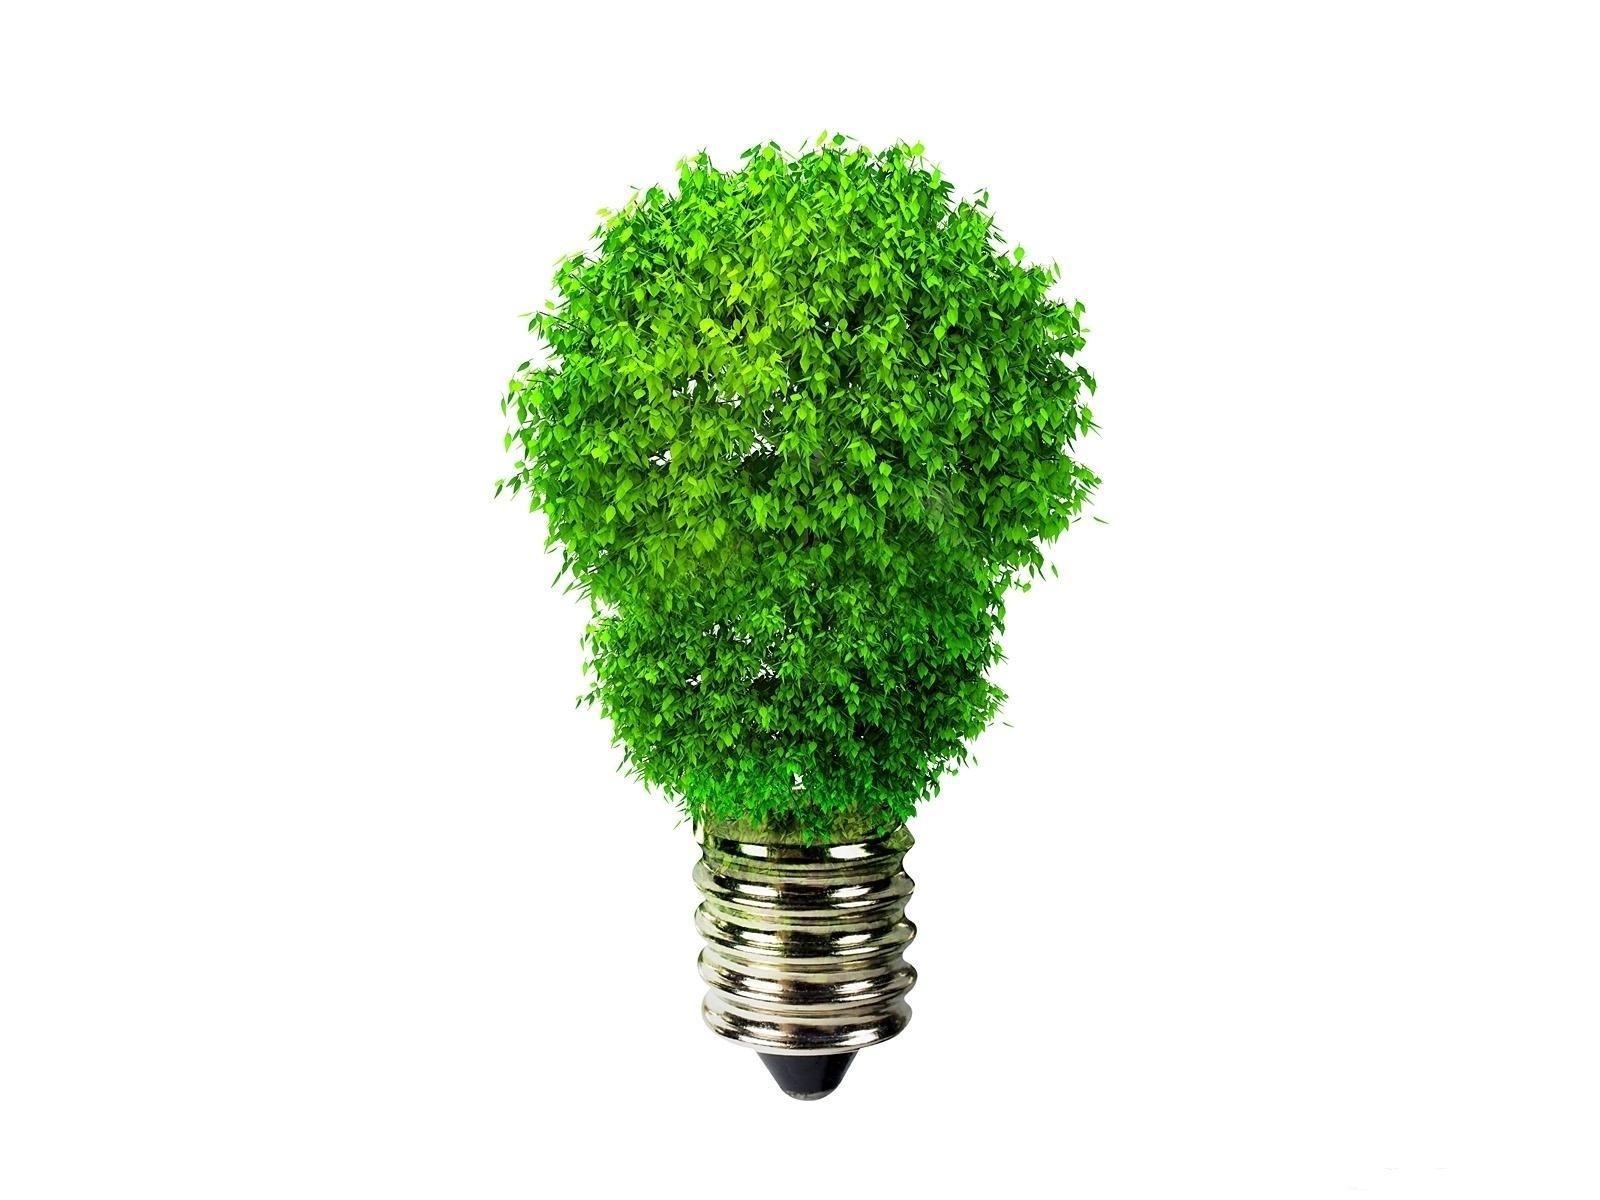 CBRE Cree En Los Beneficios De La Demanda De Energía Verde